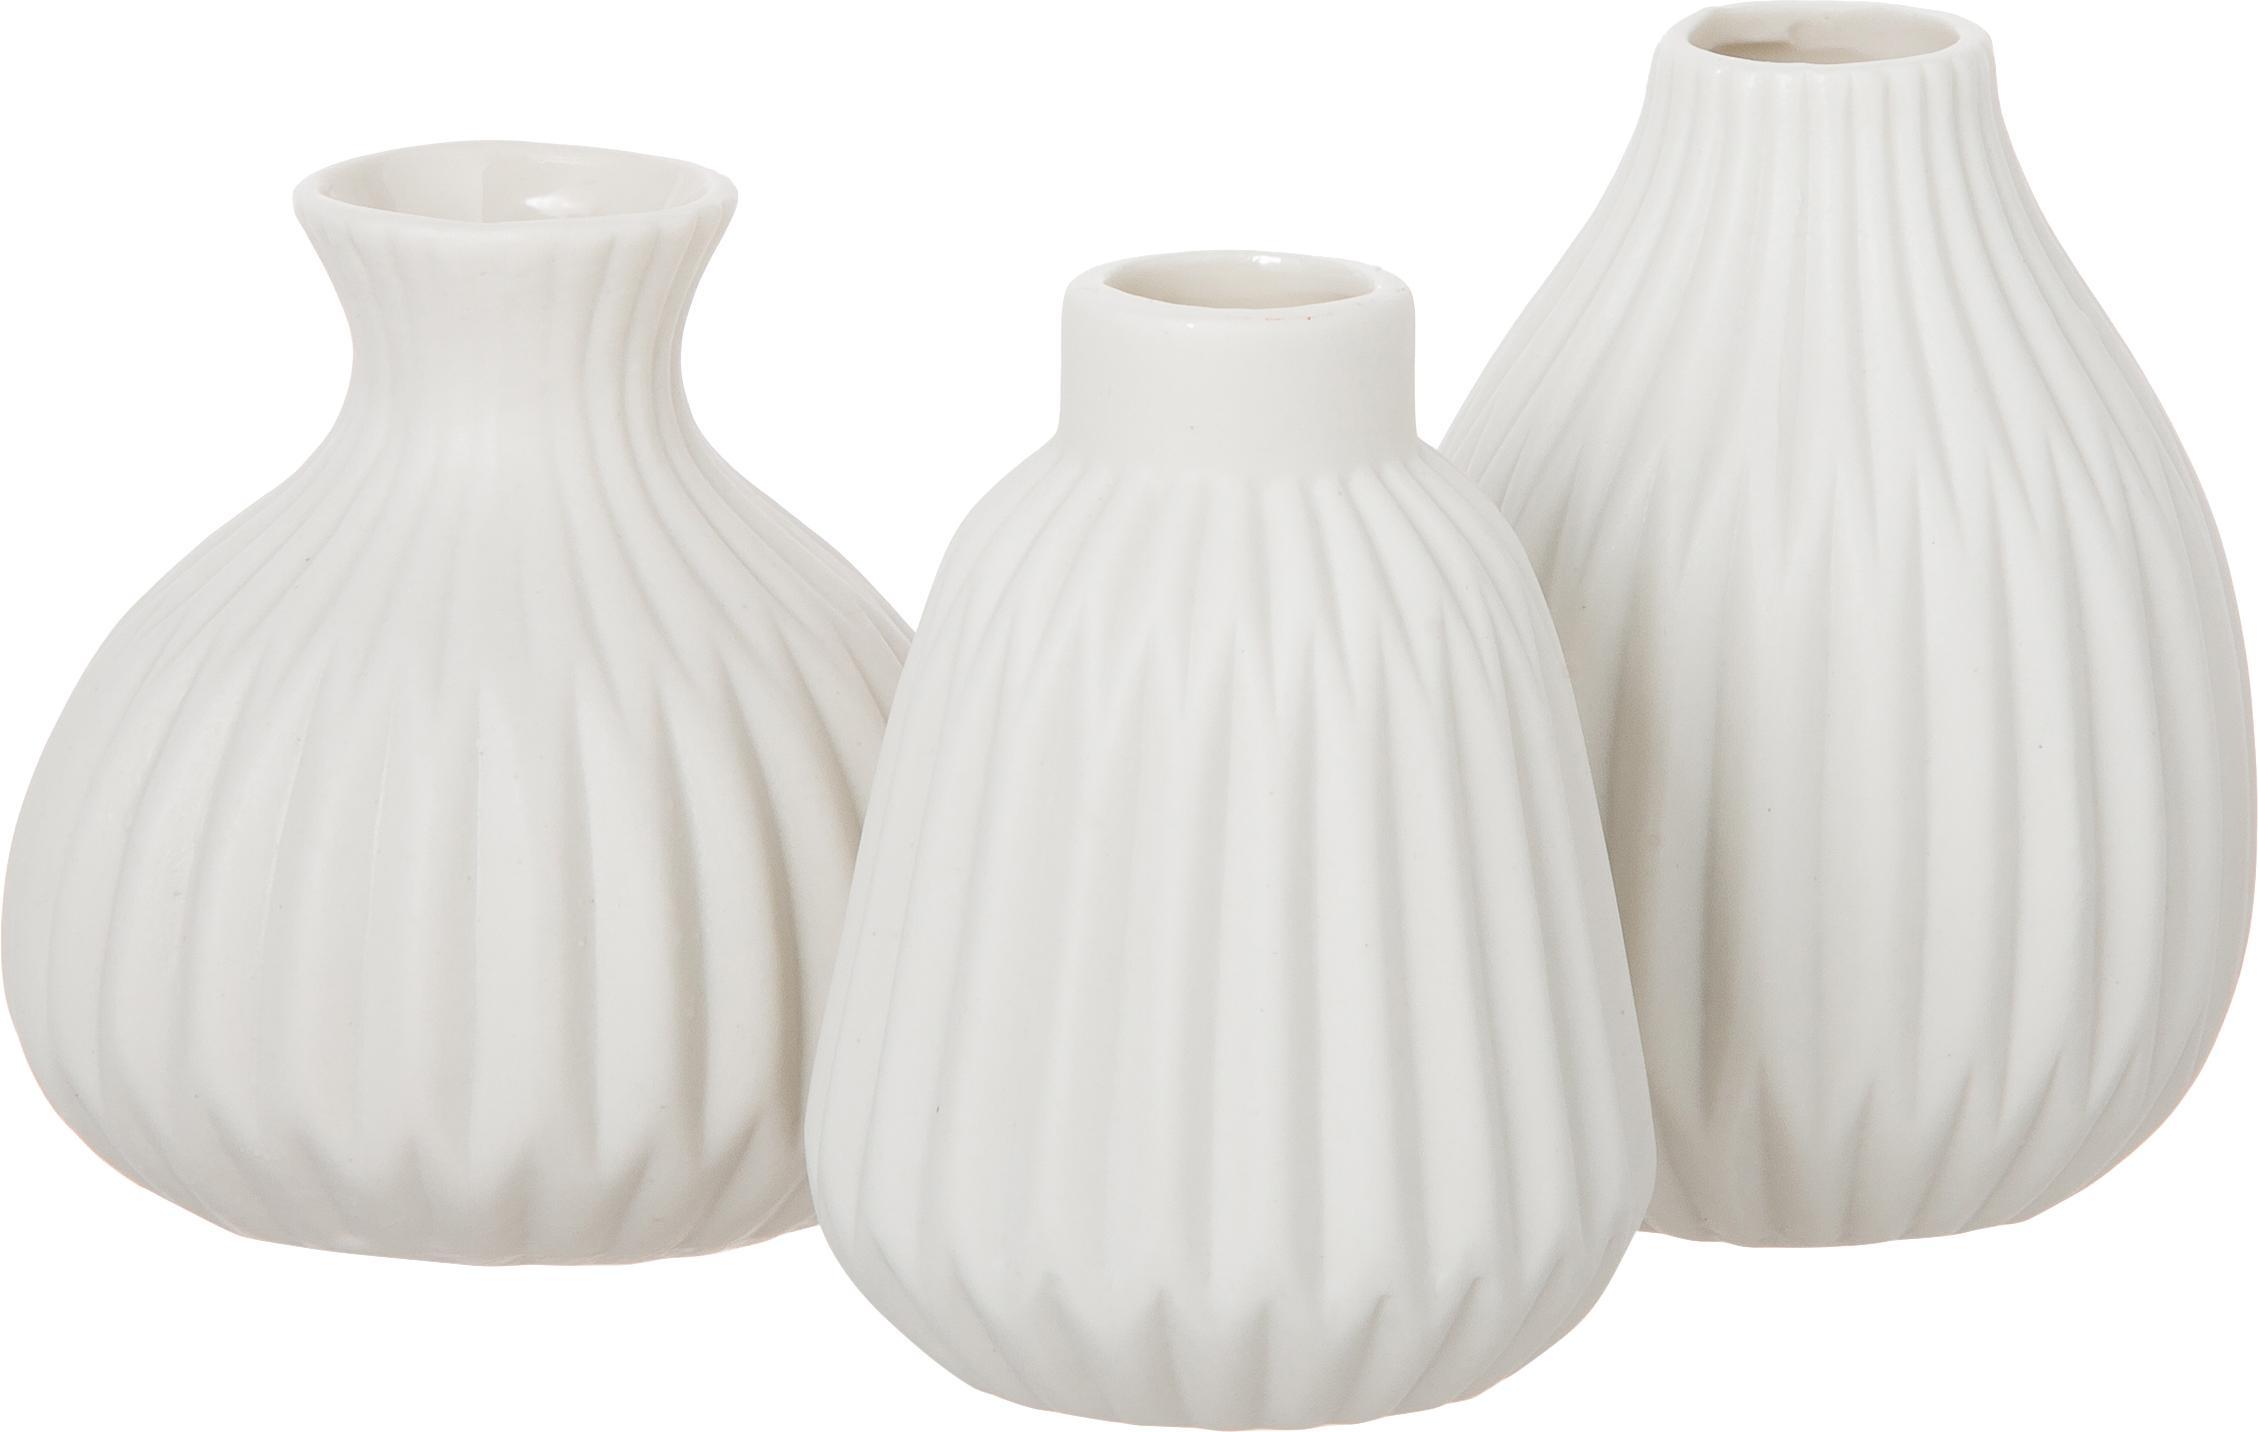 Kleines Vasen-Set Esko aus Porzellan, 3-tlg., Porzellan, Weiss, Set mit verschiedenen Grössen